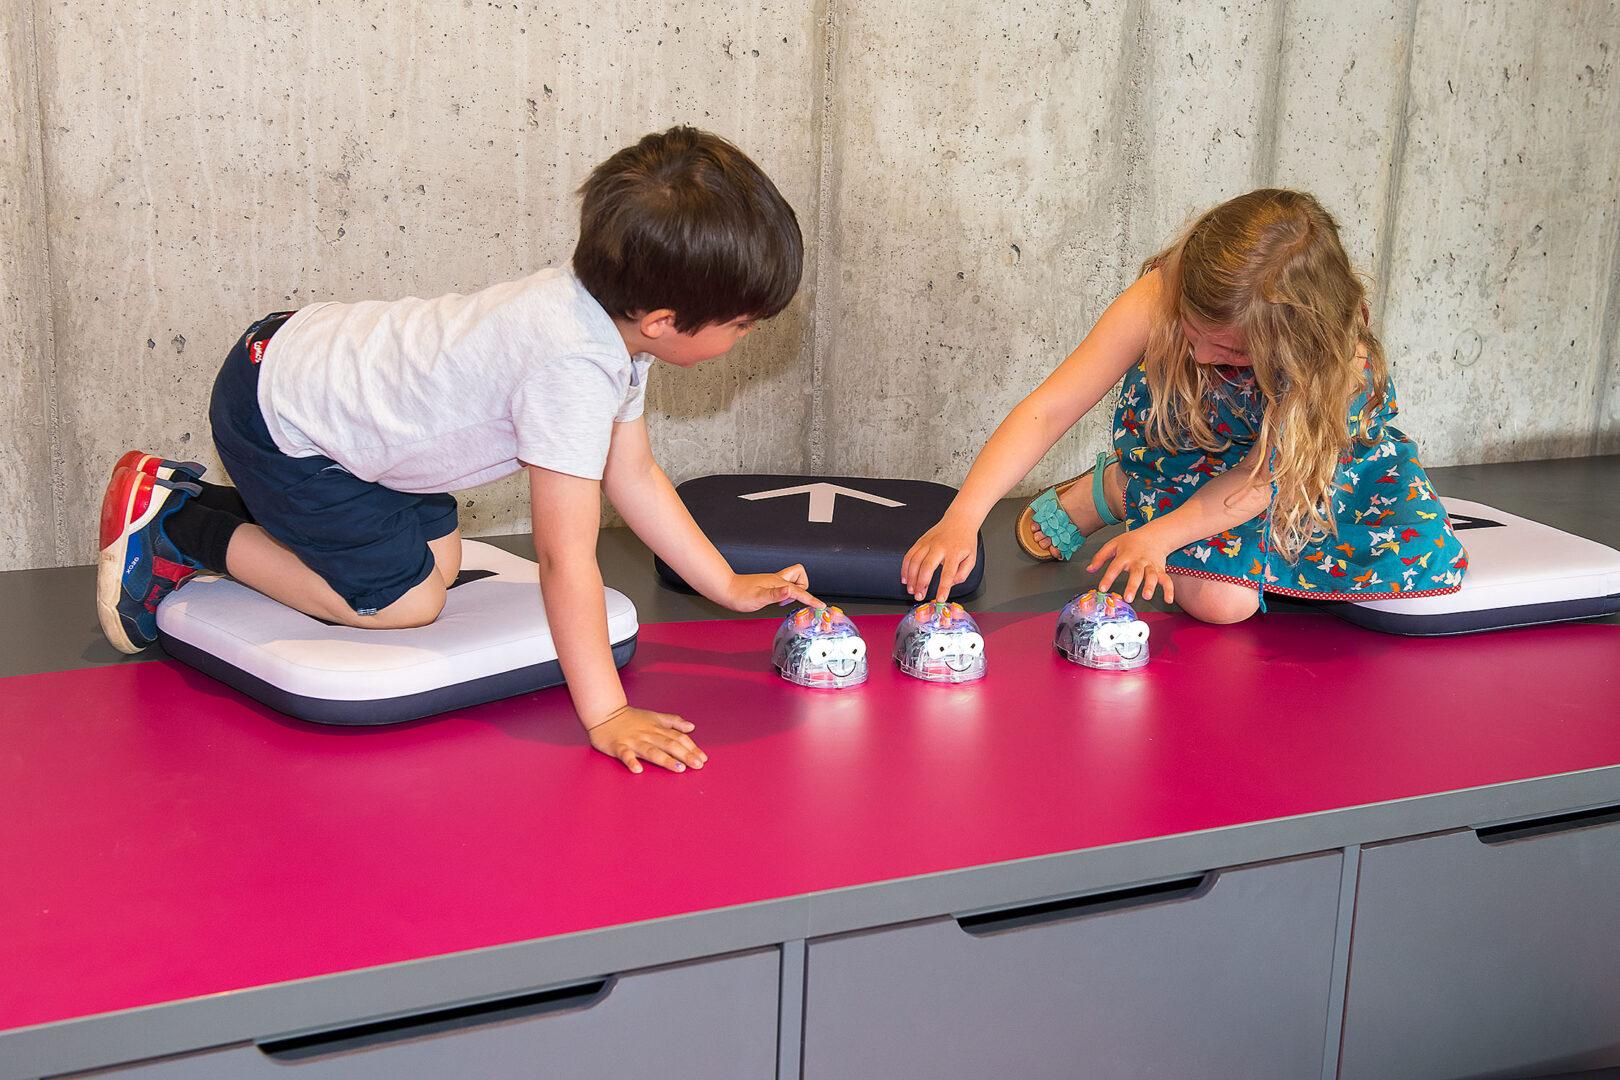 Zwei Kinder drücken die Startknöpfe mehrerer Robotik-Spielzeuge, die wie gläserne Mäuse aussehen.